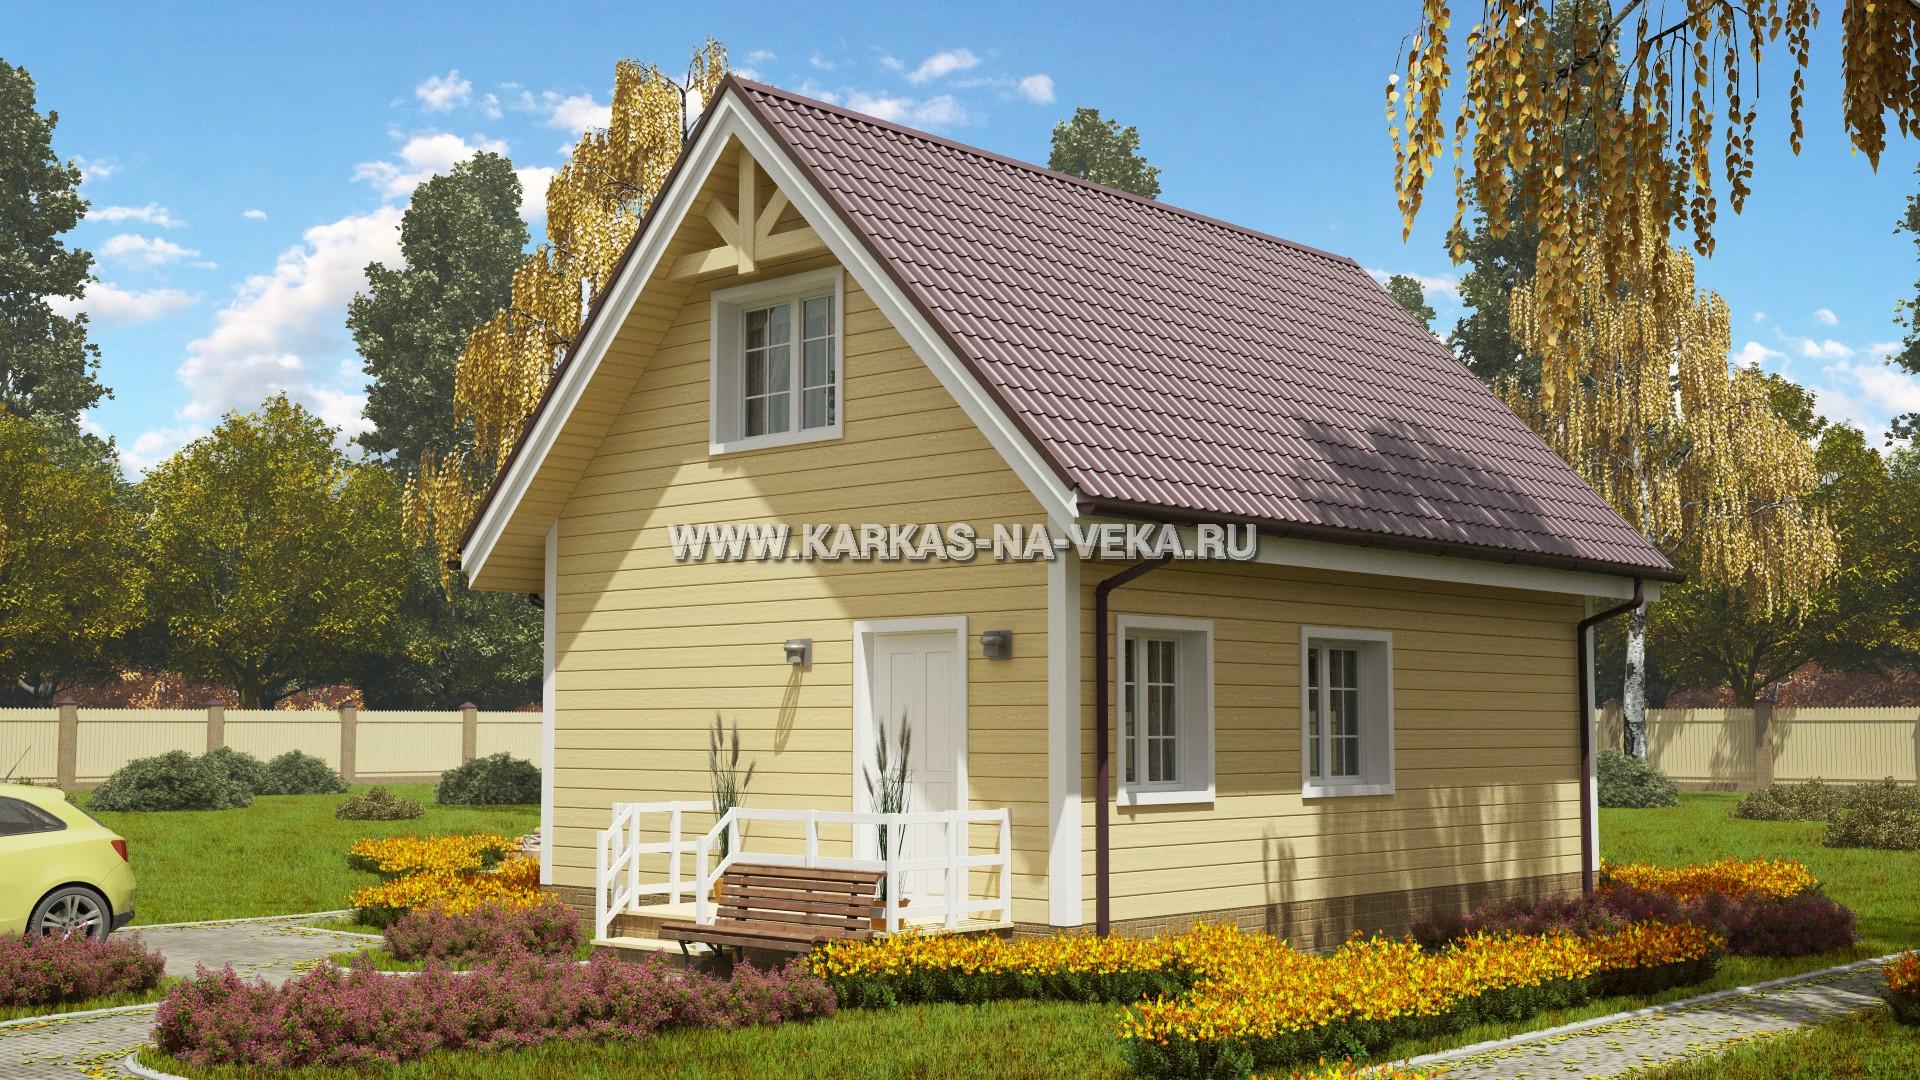 Строительство коттеджей в Красноярске под ключ - цены